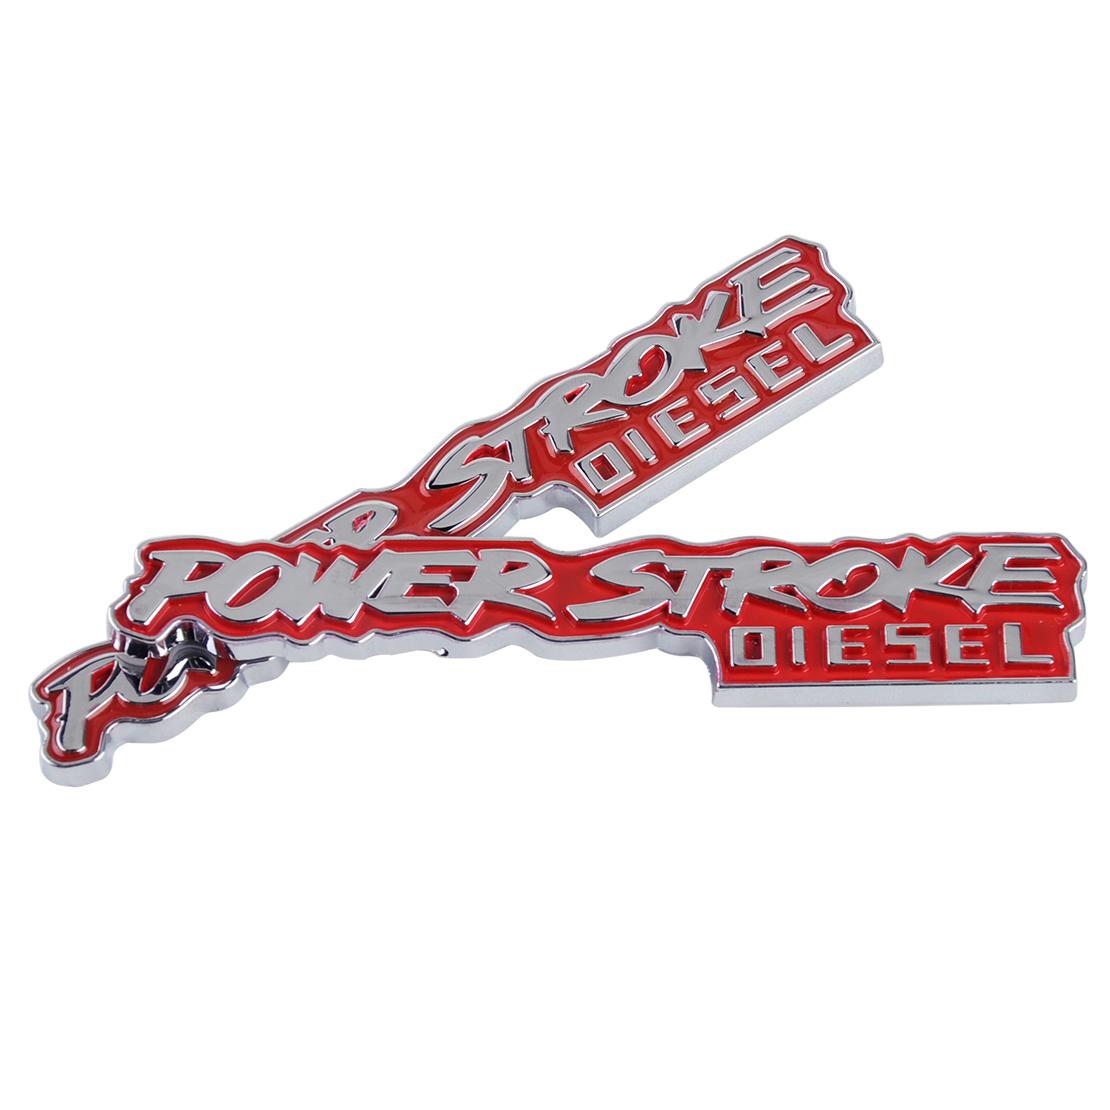 2x power stroke diesel emblem metall badge aufkleber. Black Bedroom Furniture Sets. Home Design Ideas